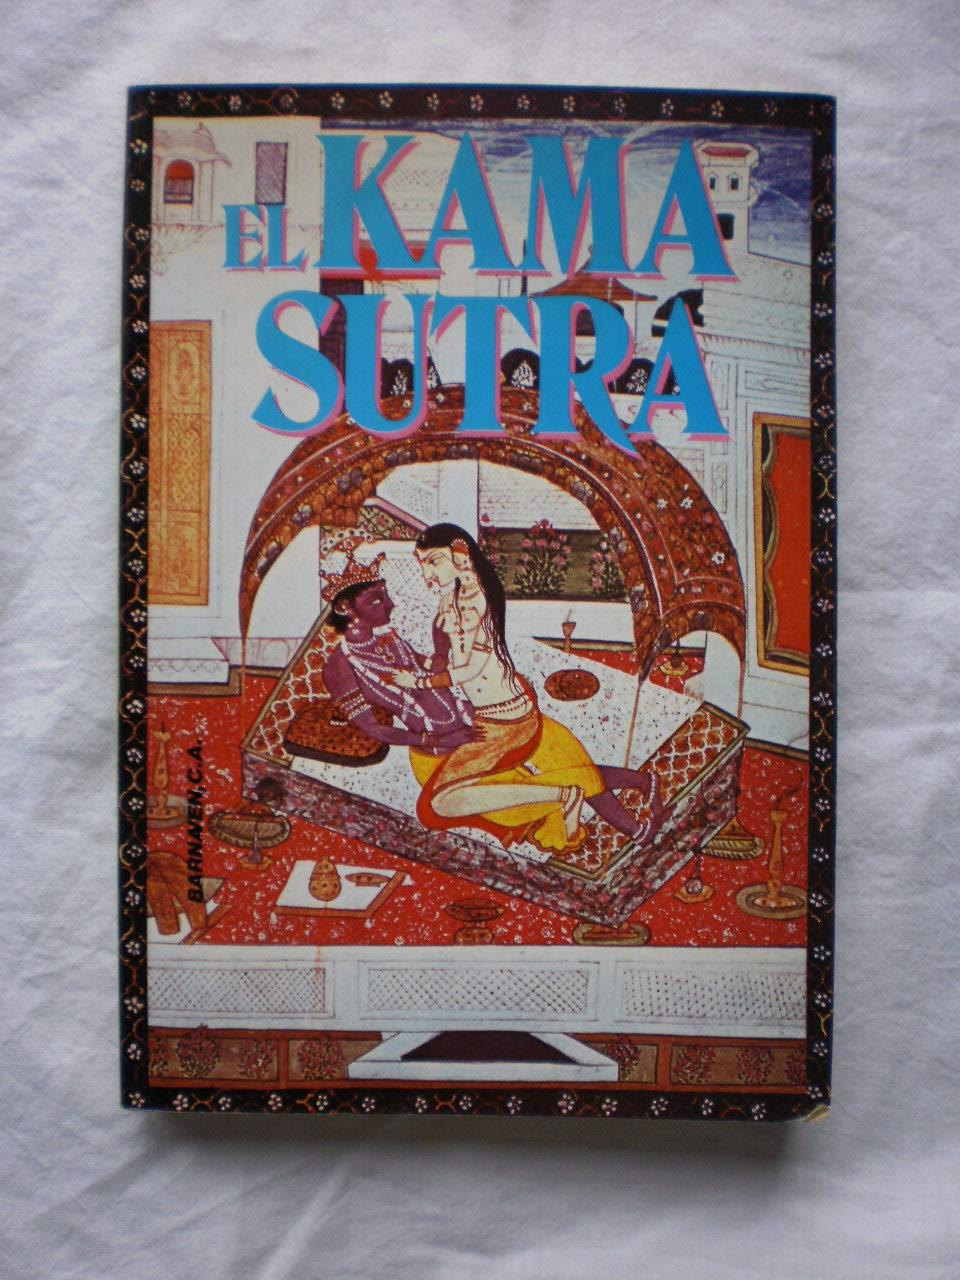 Kama sutra, el: Amazon.es: Libros